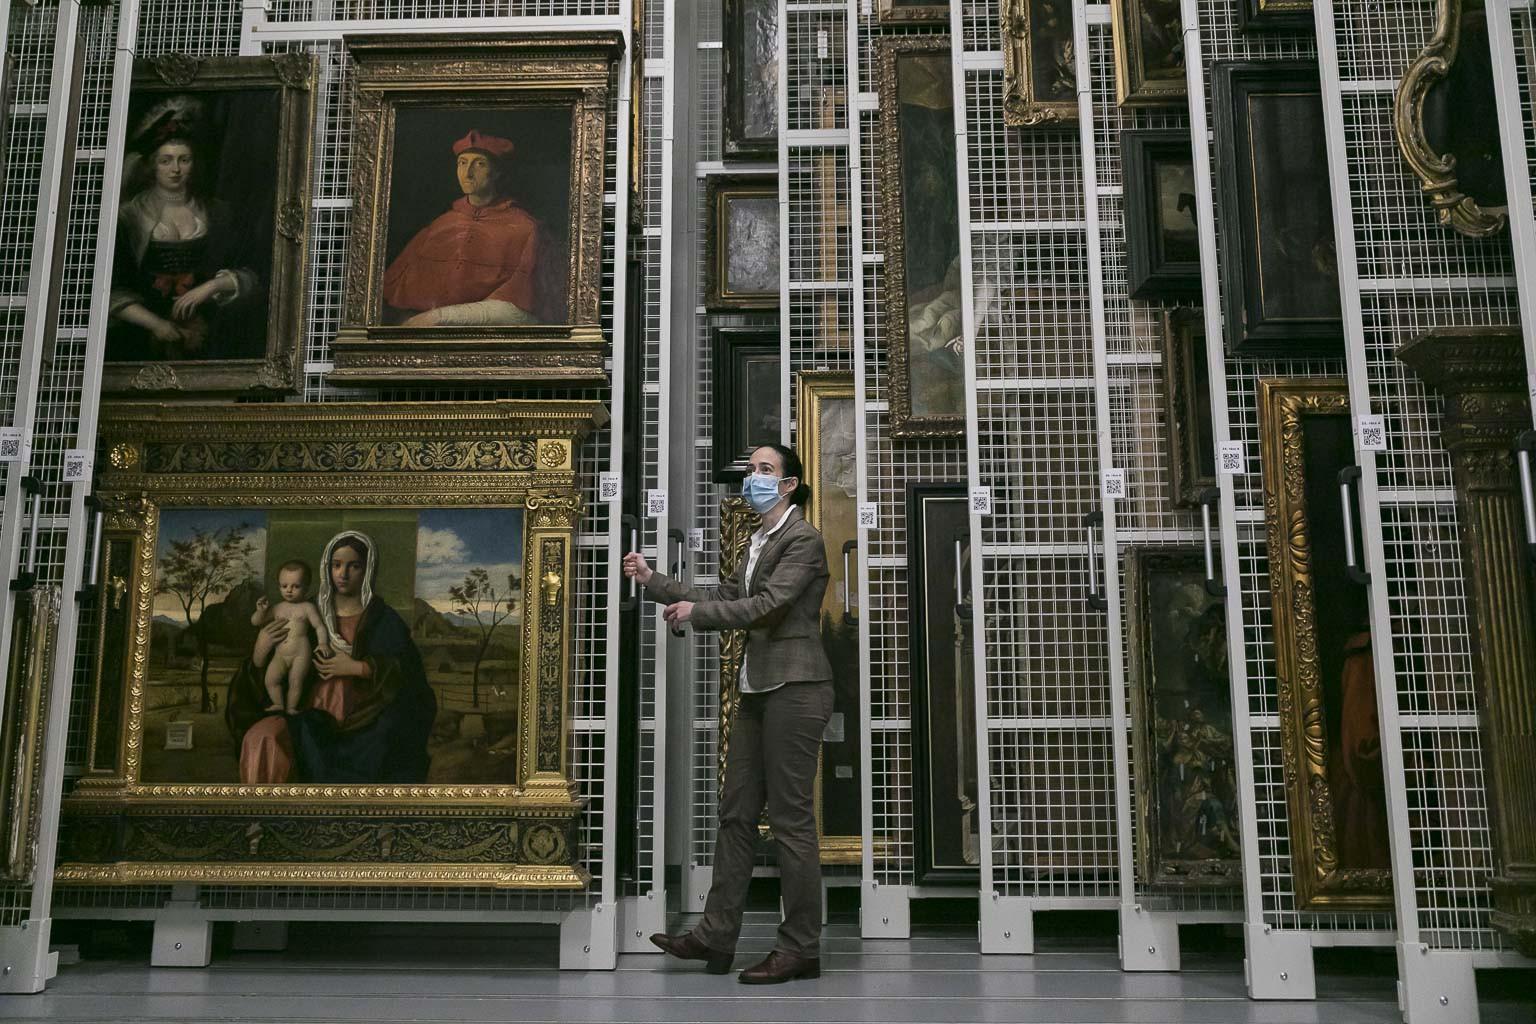 Több mint háromszázezer műtárgyat őriznek majd a világszínvonalú múzeumi háttérintézményben